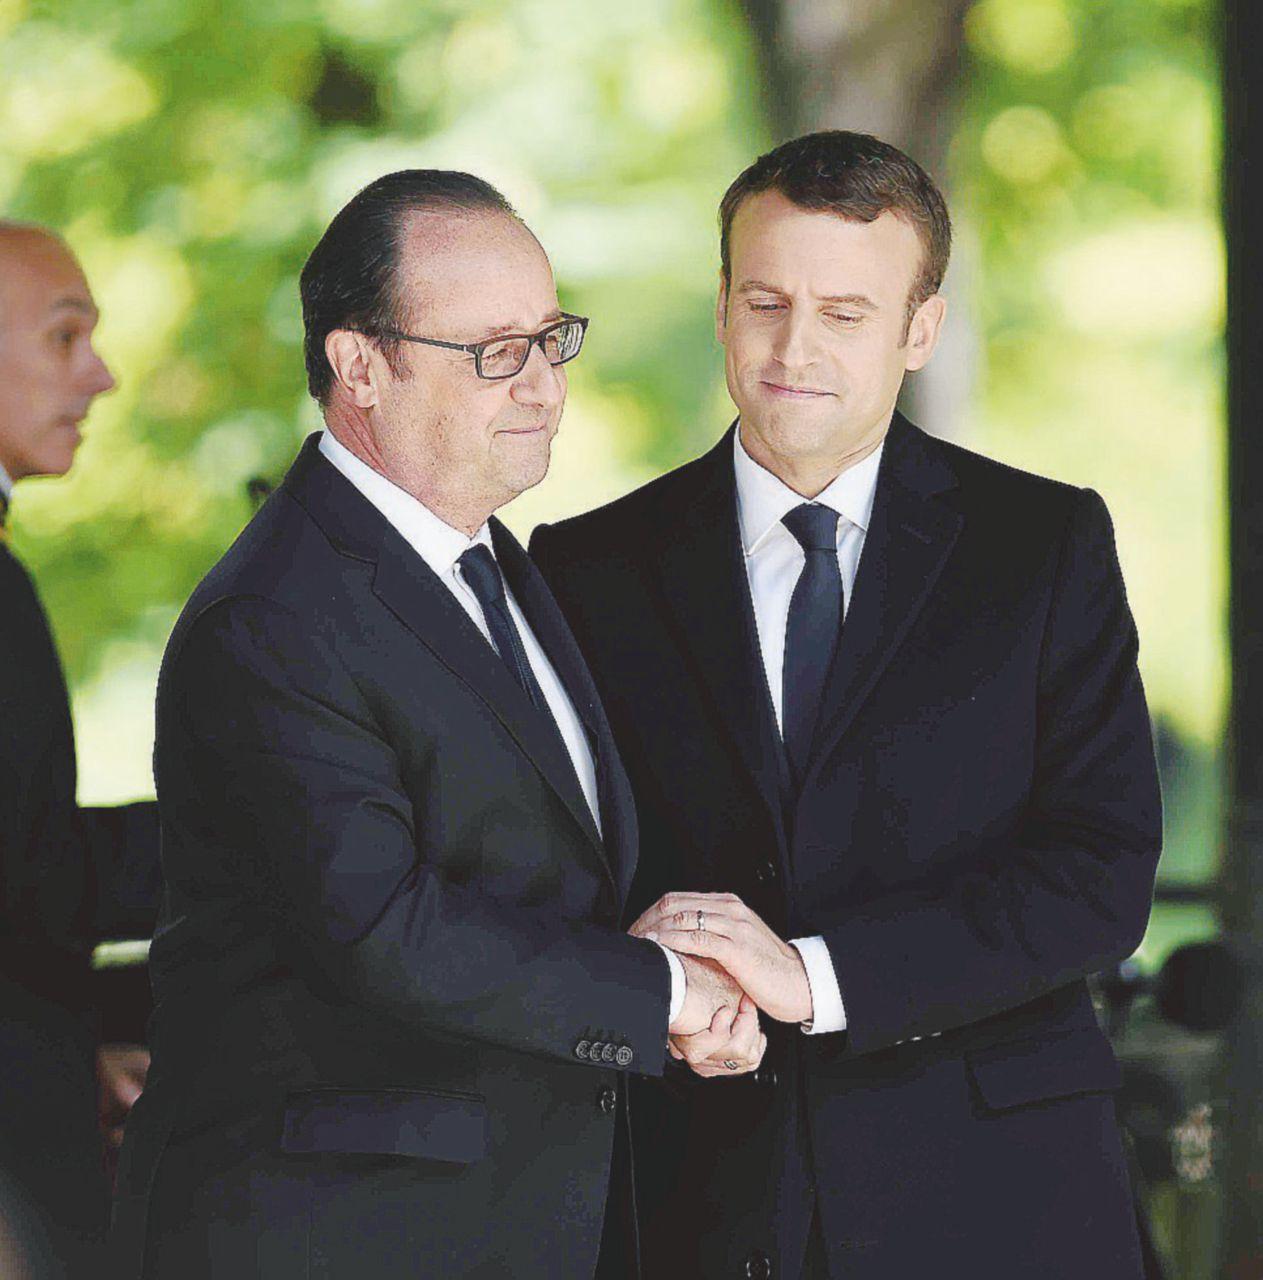 Voltagabbana? Non merci: Macron lascia fuori Valls